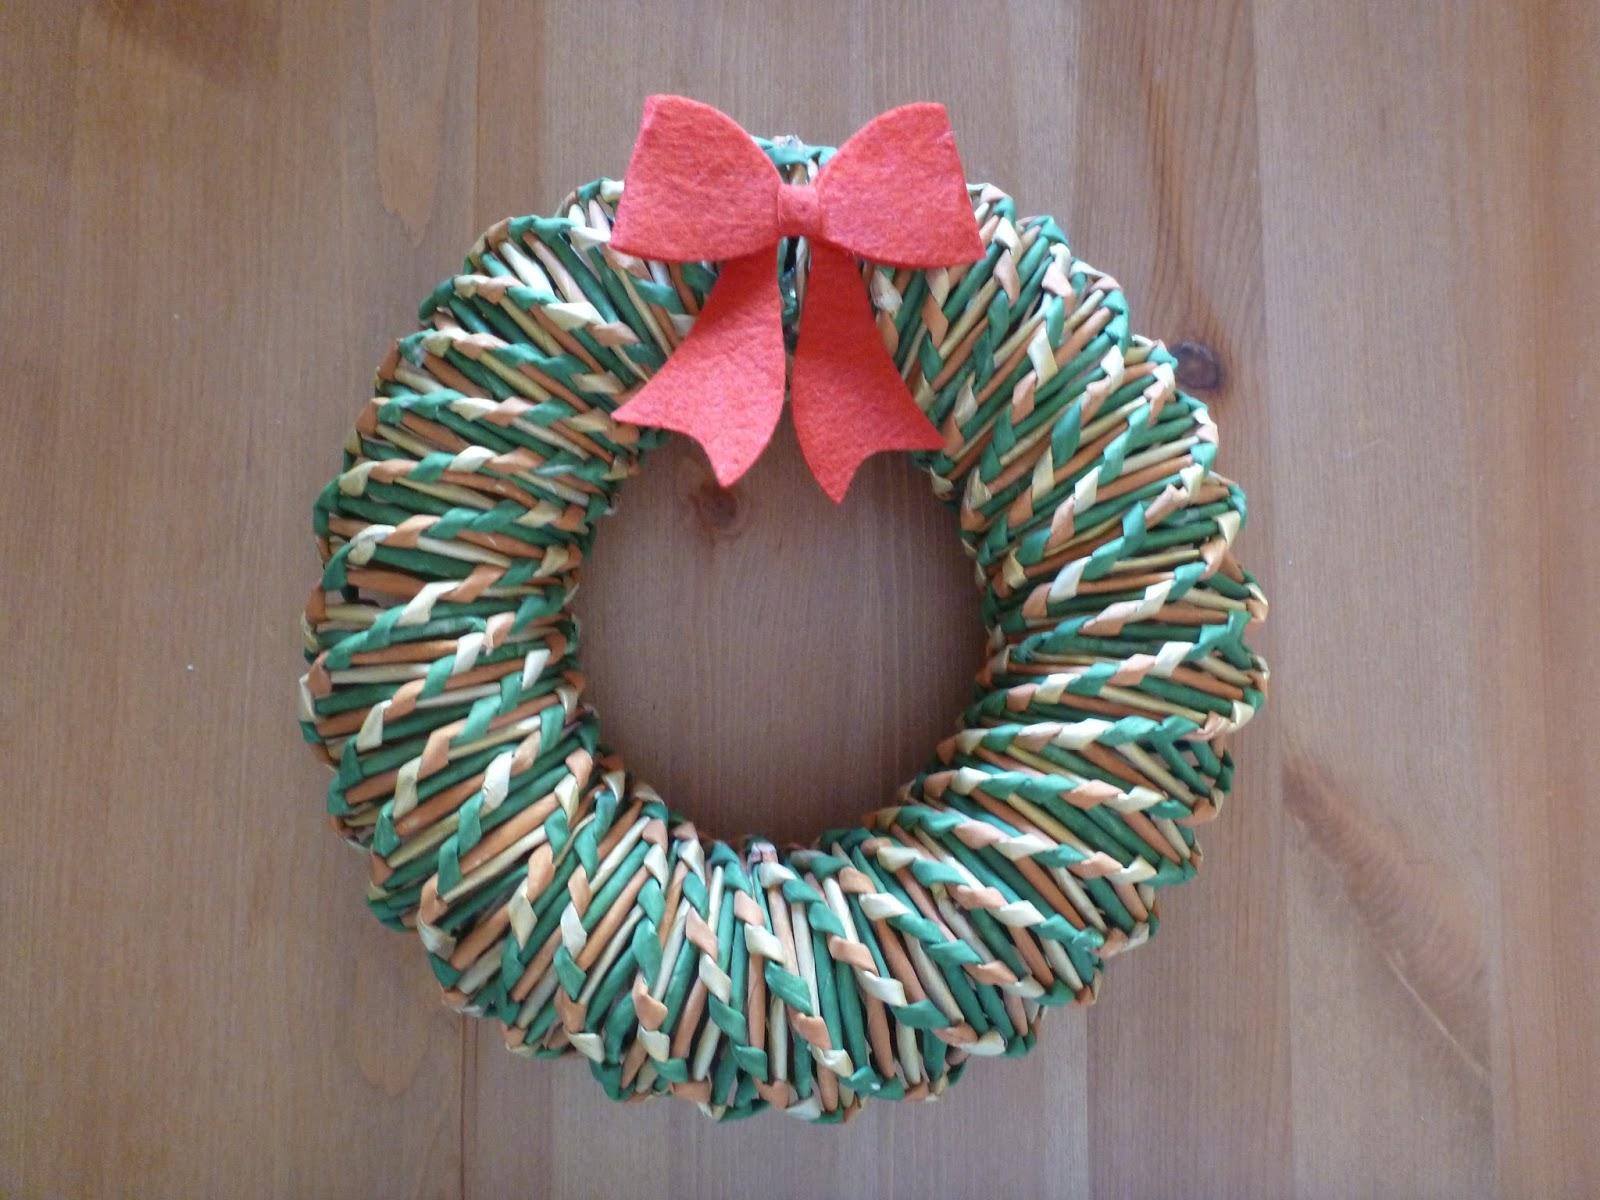 Albero Di Natale Con Cannucce Di Carta.Gerry Creations Quattro Lavori Con Le Cannucce Di Carta Dedicati Al